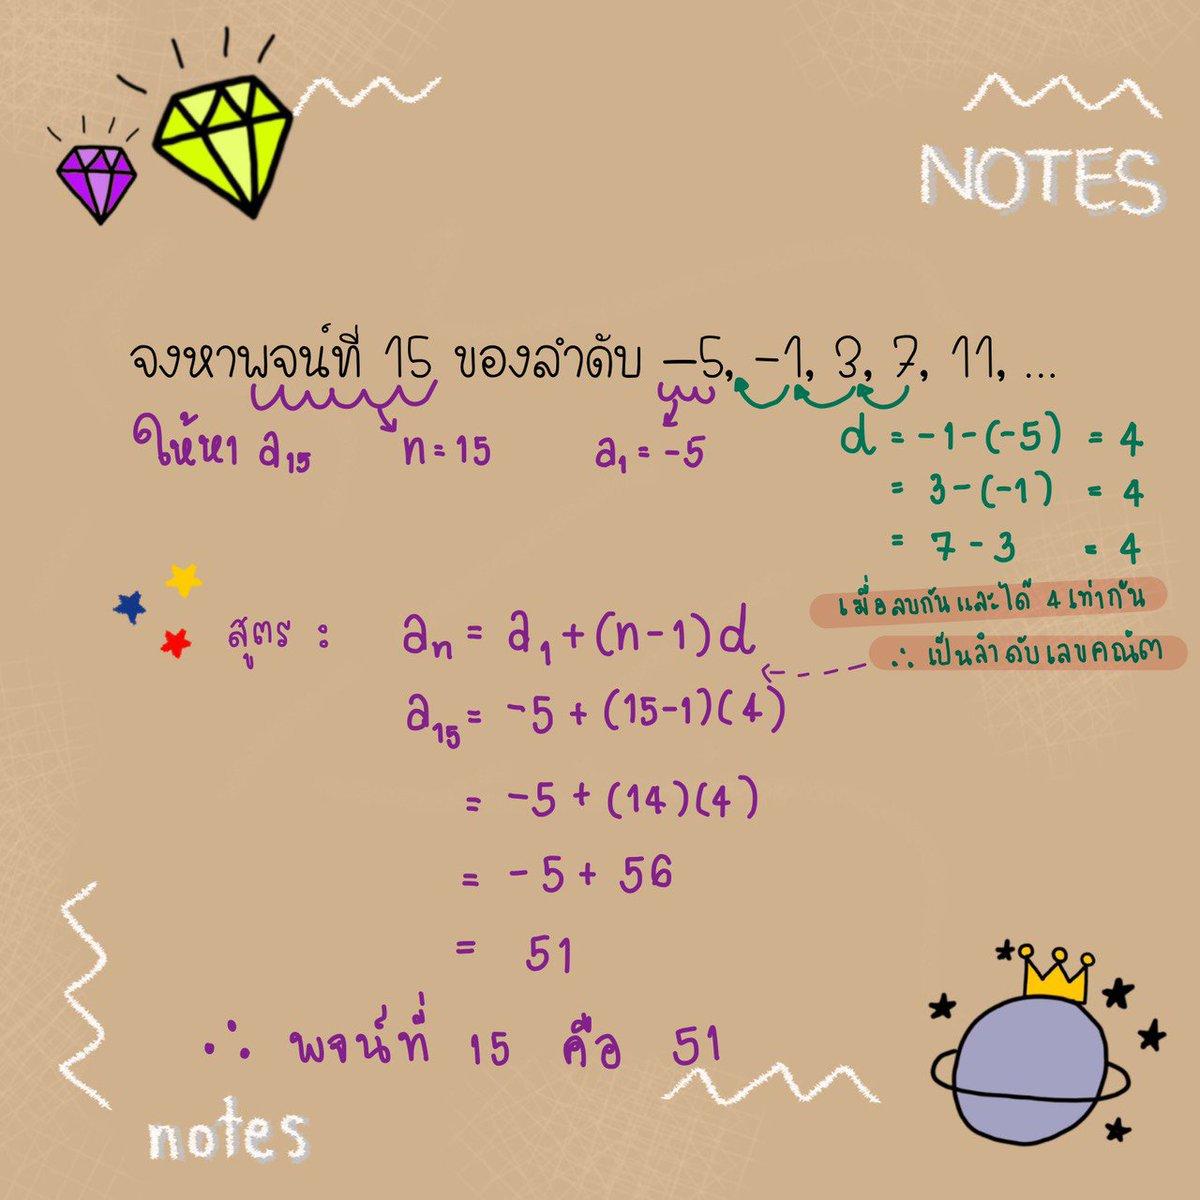 ตัวอย่างโจทย์ลำดับเลขคณิตจ้ะะะ วิธีหาว่าเป็นเลขคณิตหรือเรขาคณิตก็คือต้องหา d หรือ r ก่อนนะ แล้วก็ใช้สูตรลำดับนั้นๆ เดี๋ยวจะทำเรขาคณิตมาเพิ่มนะ  #สอนพิเศษ #รับสอนพิเศษ #คณิตศาสตร์ #dek63 #สอบเข้า #อินเตอร์ #dek64 #dek65 #สรุปเลข #สรุป #แอดมิชชัน #TCAS #onet https://t.co/oRoroXrHLd